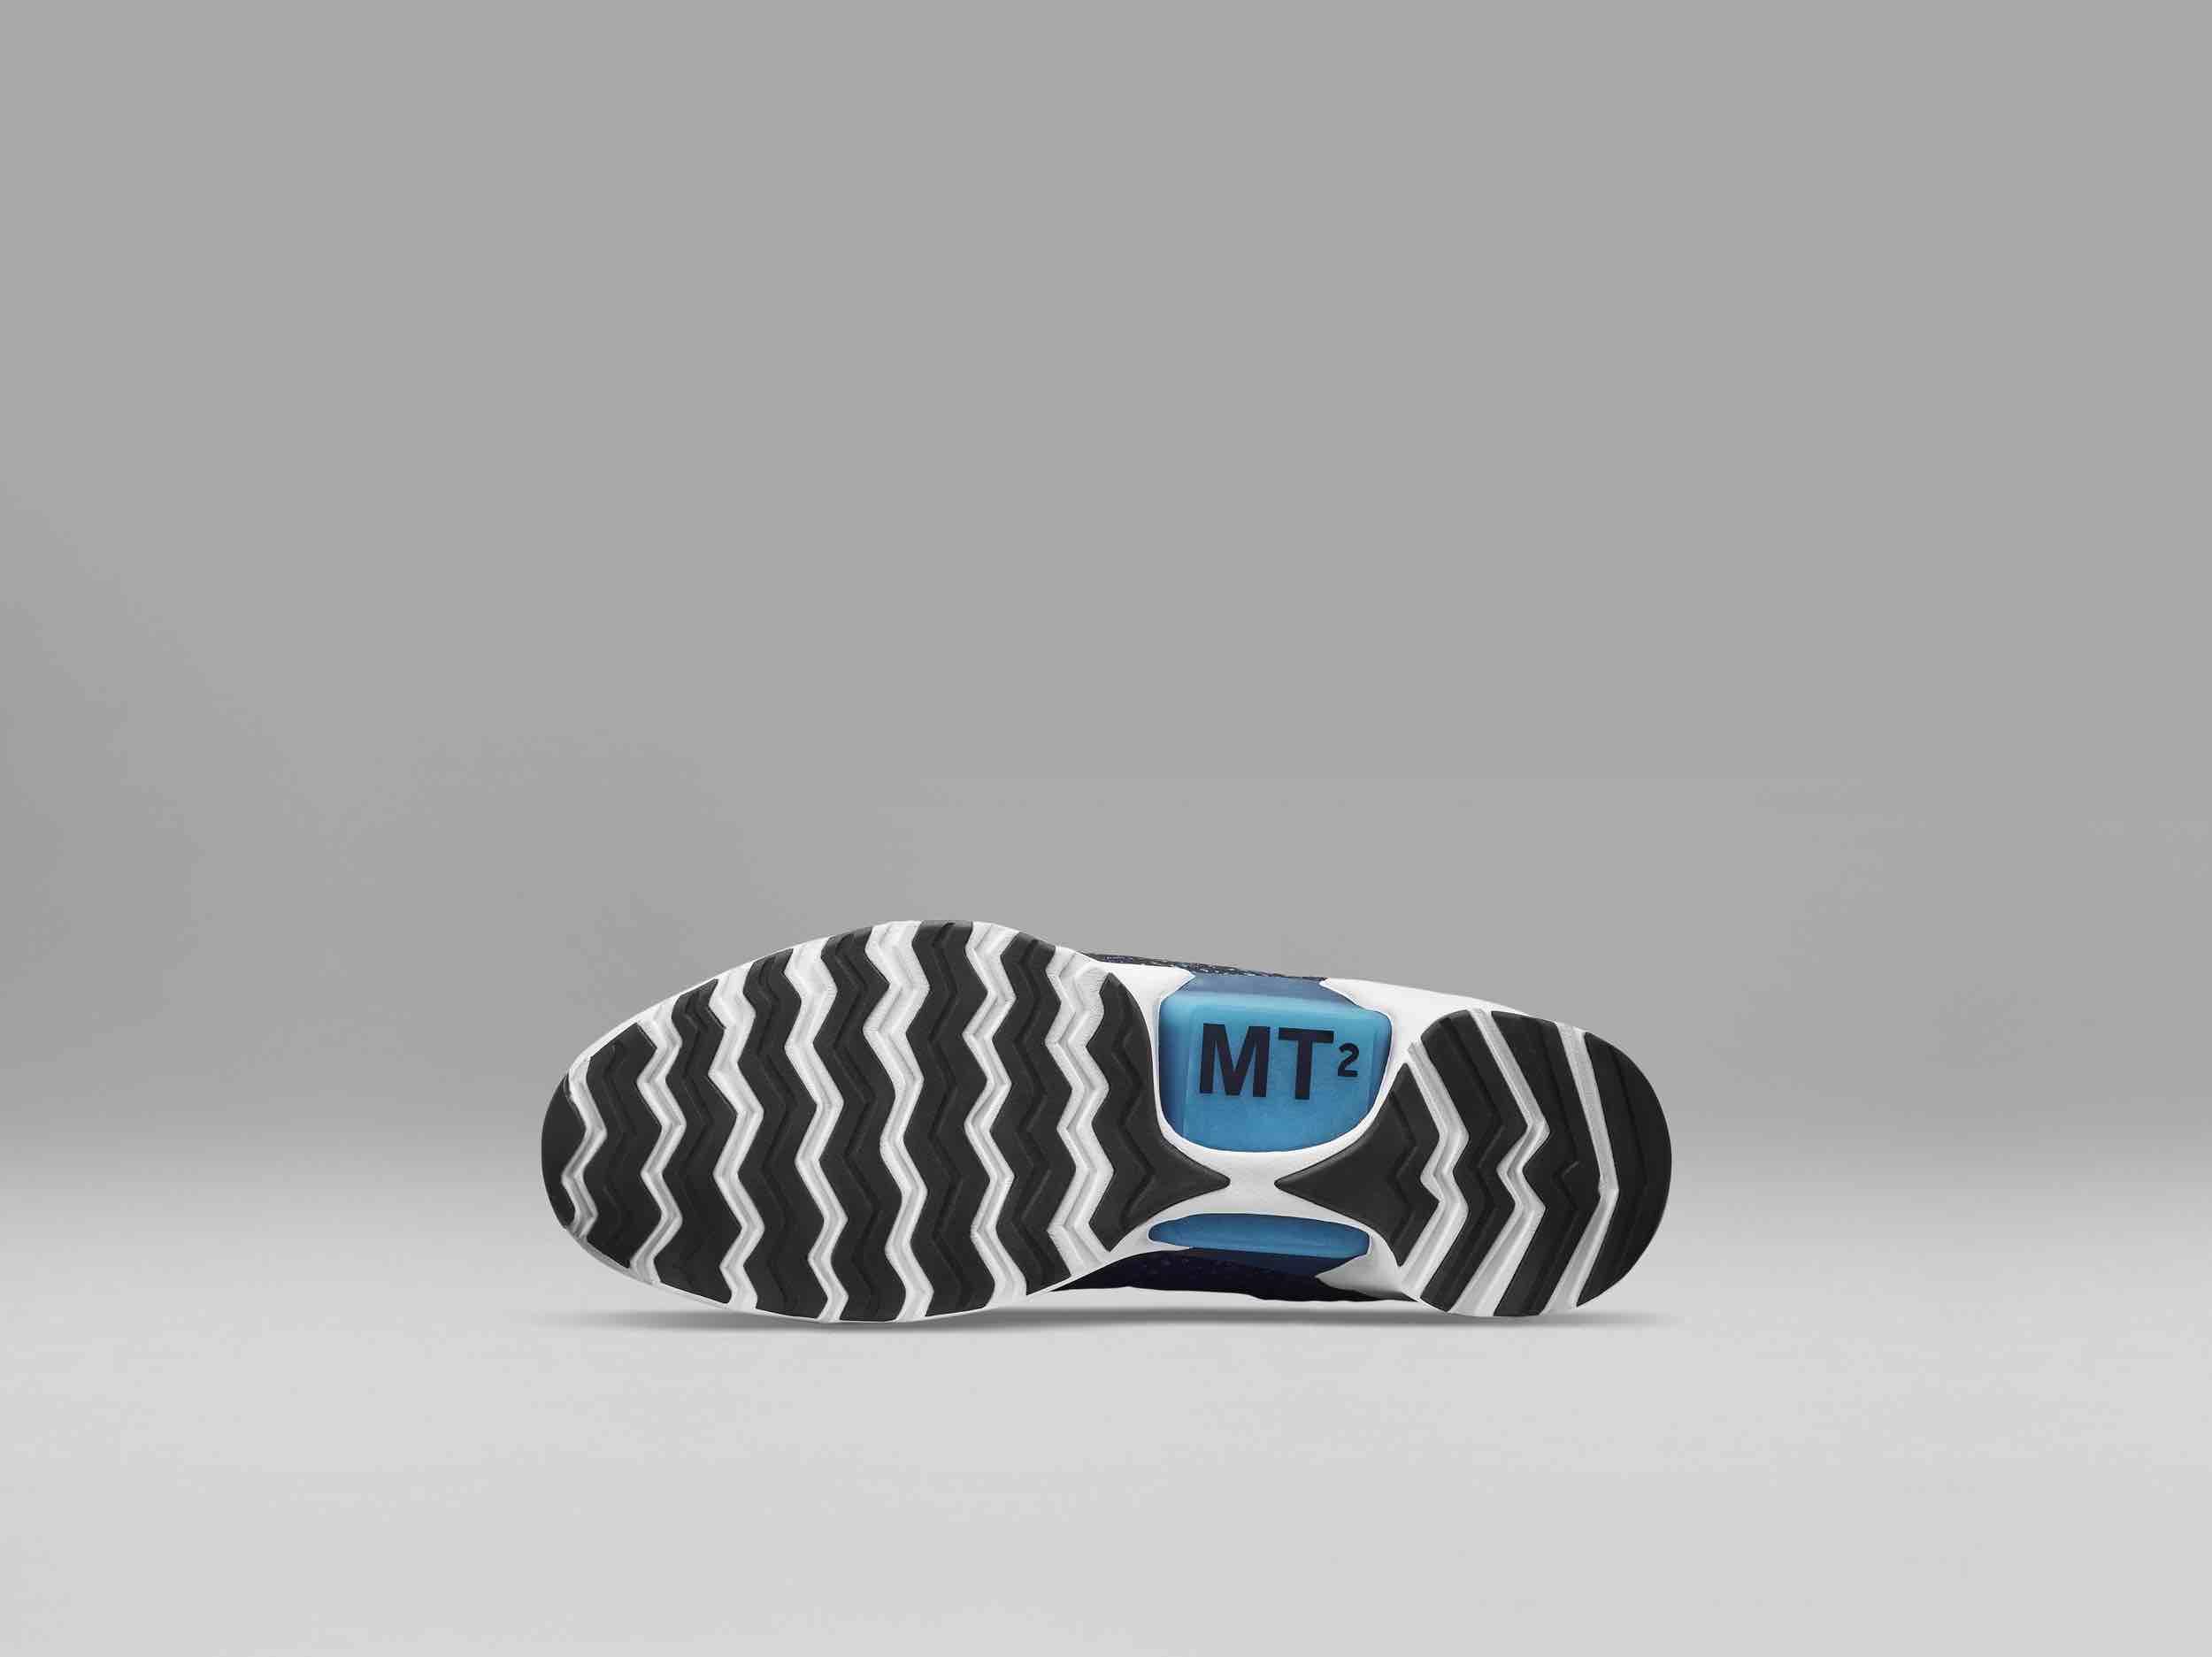 Nike HyperAdapt 1.0   les chaussures inspirées de Retour Vers le Futur  arrivent le 28 novembre c417a42c7d98